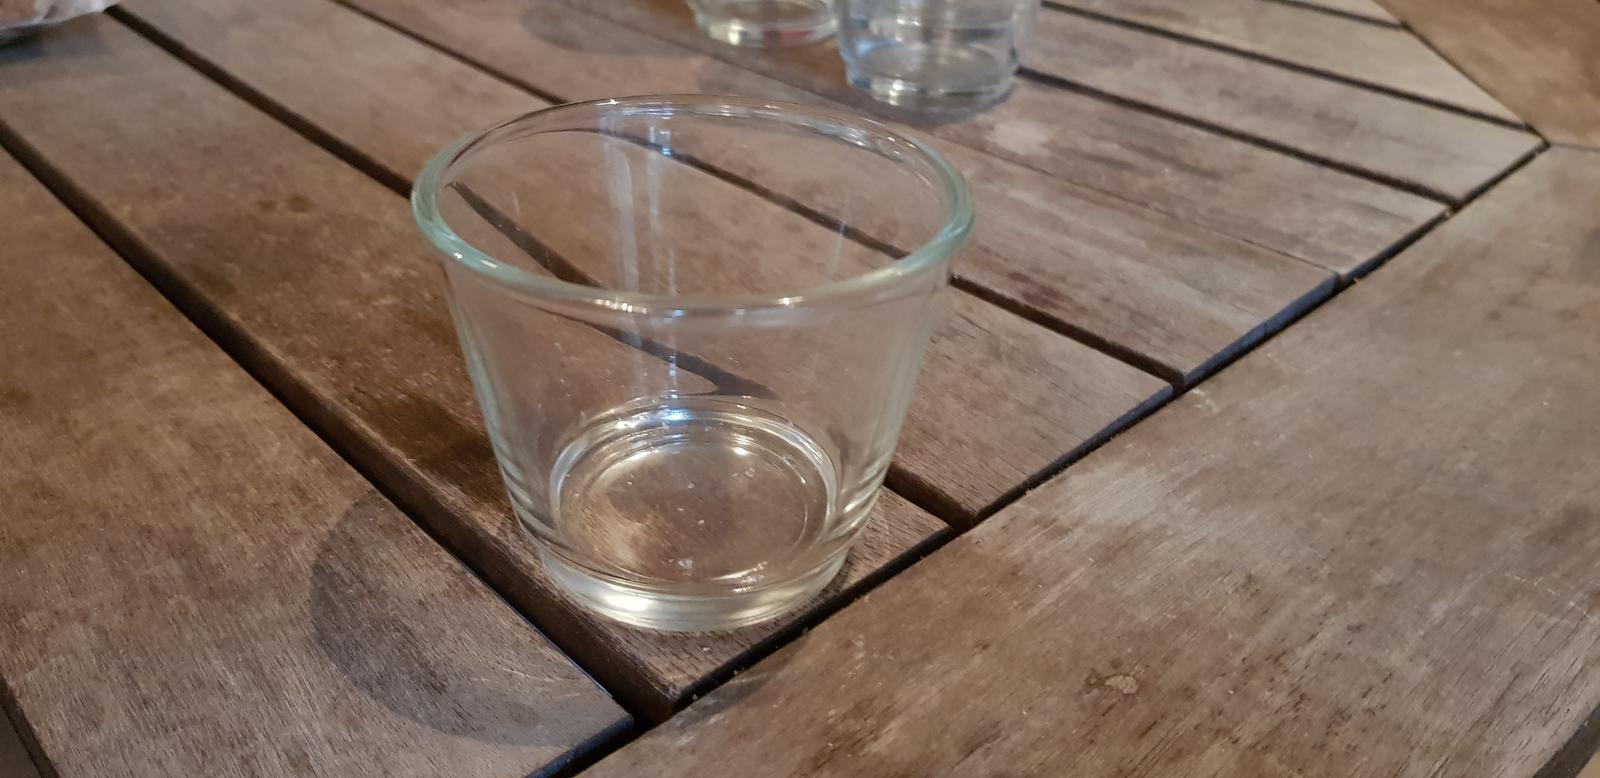 Kalíšek na čajovou svíčku + čajová svíčka - Obrázek č. 1